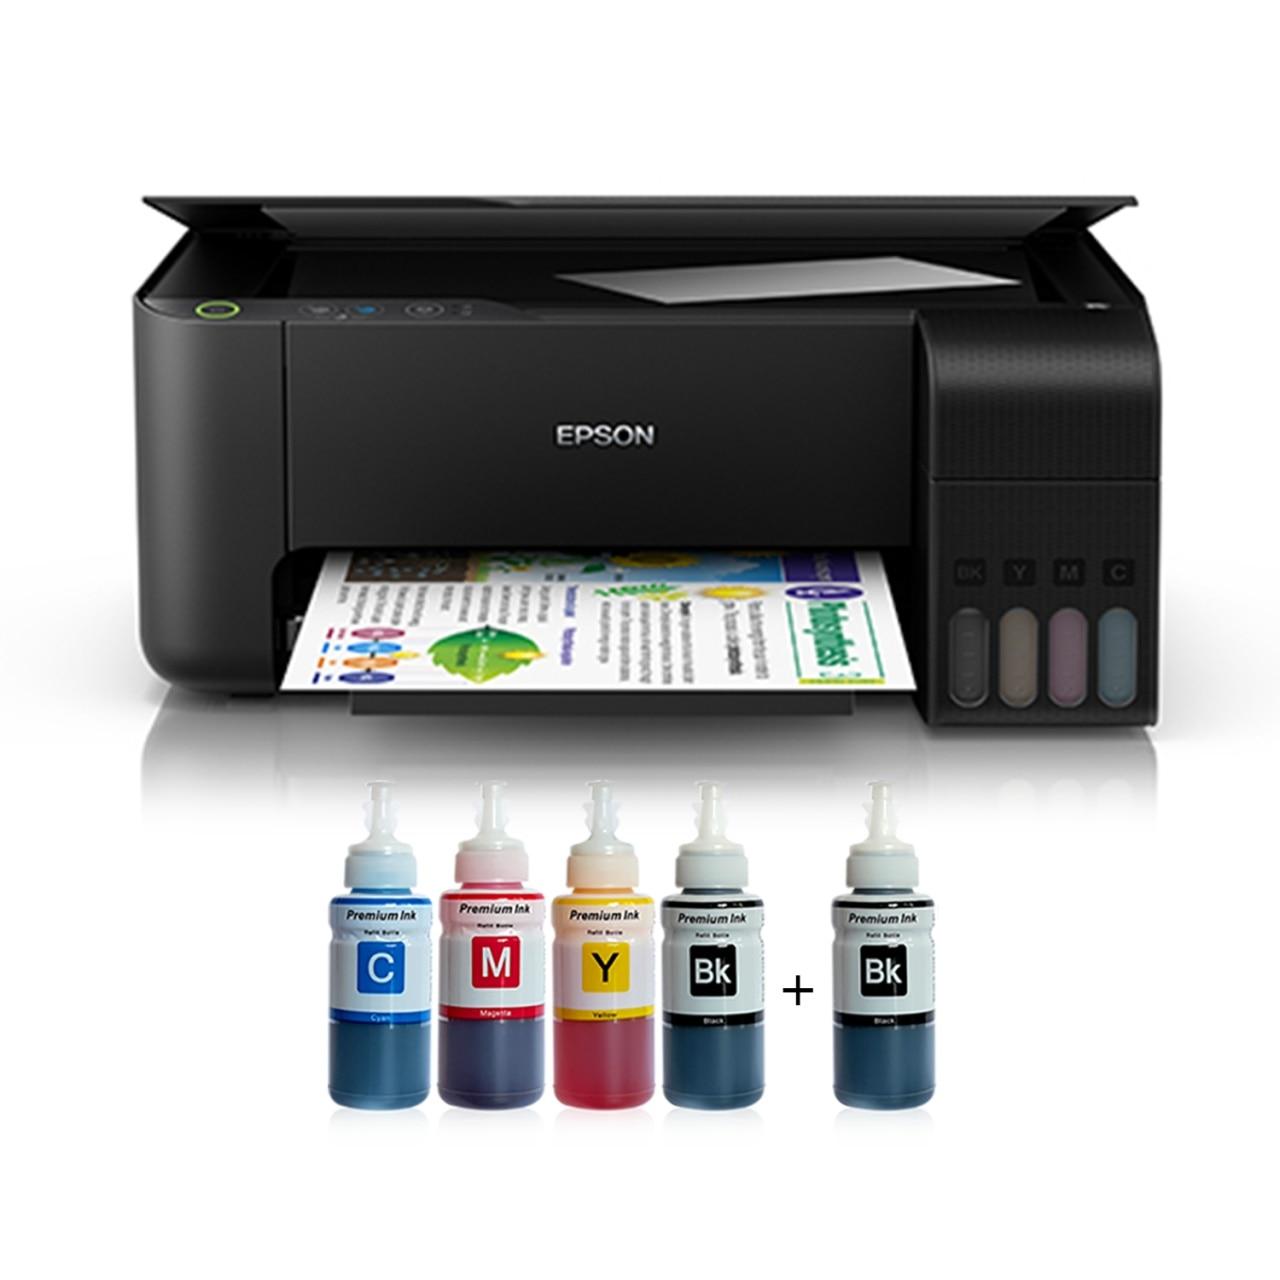 Epson Tank L3150, impresora de tinta fotográfica, Cartucho de terminación de 4 colores (2 regalos de tinta negra) epson L3050 en lugar de modo de salida